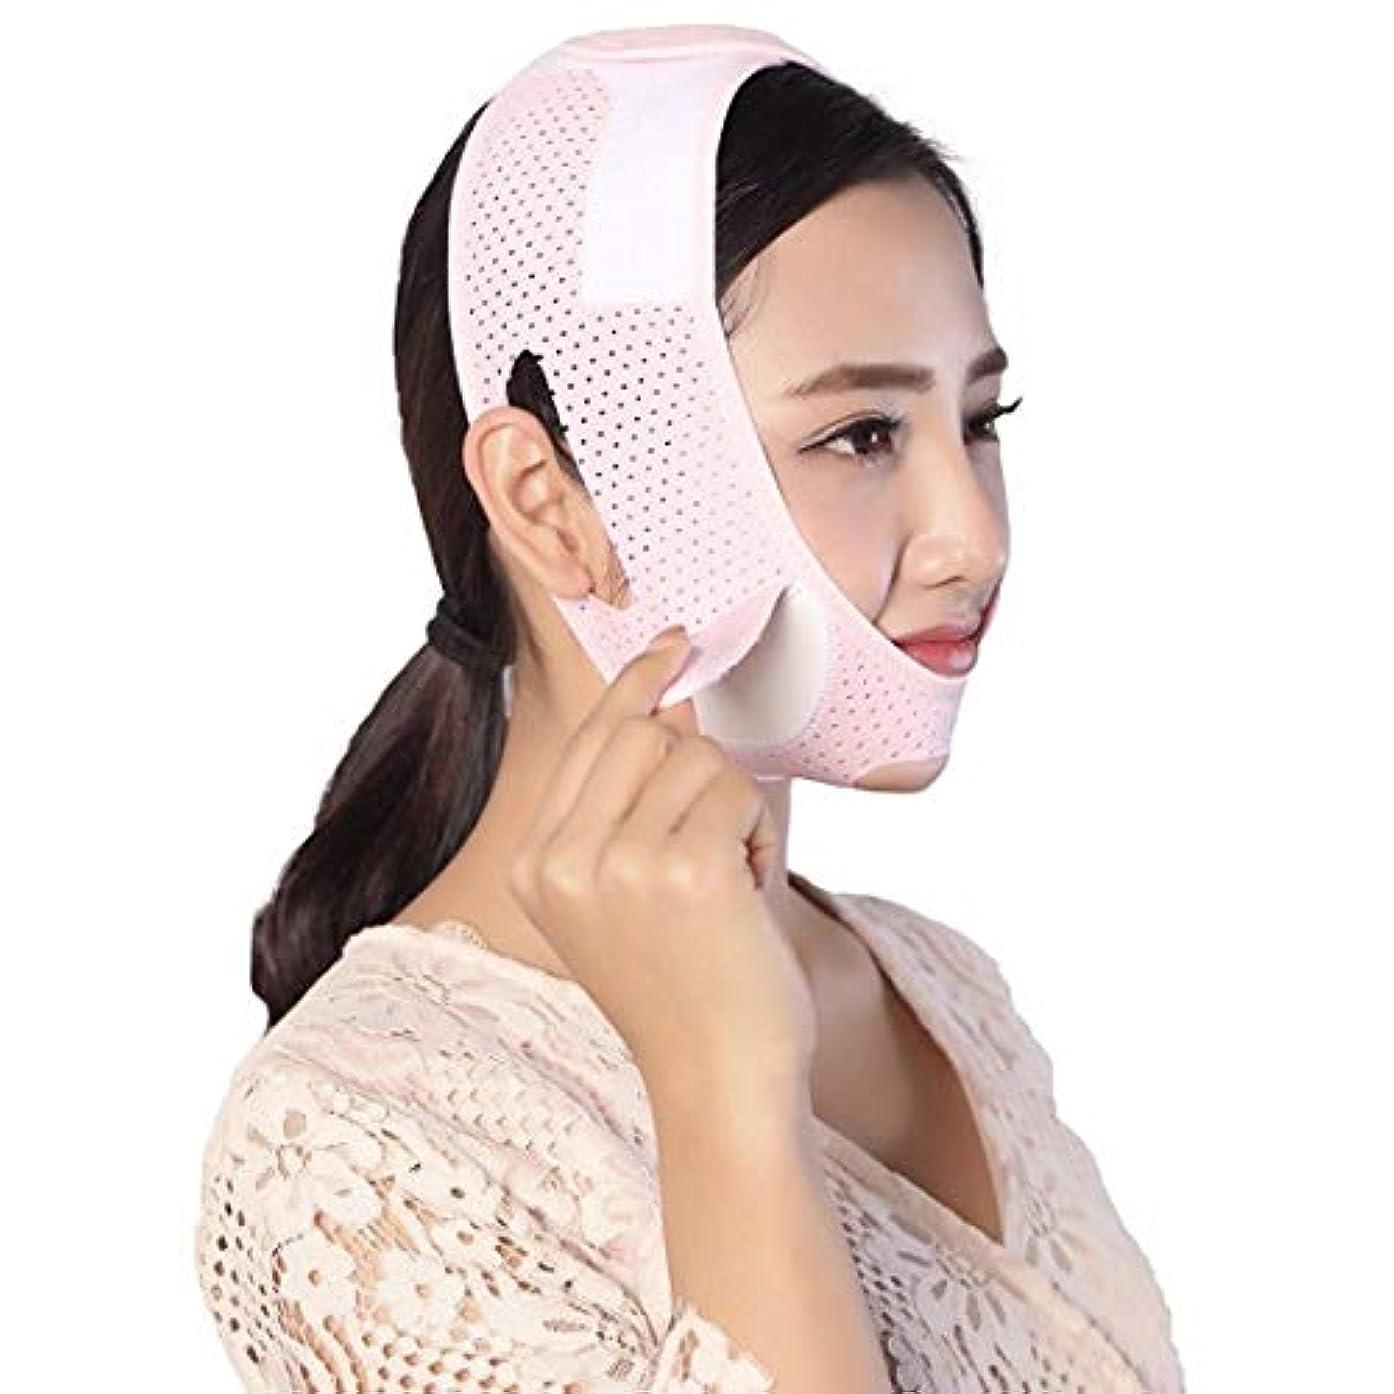 維持する教師の日嫉妬ZWBD フェイスマスク, フェイスリフティングベルトリフティングVフェイスライン包帯フェイシャル引き締め二重あごの法則睡眠マスク通気性